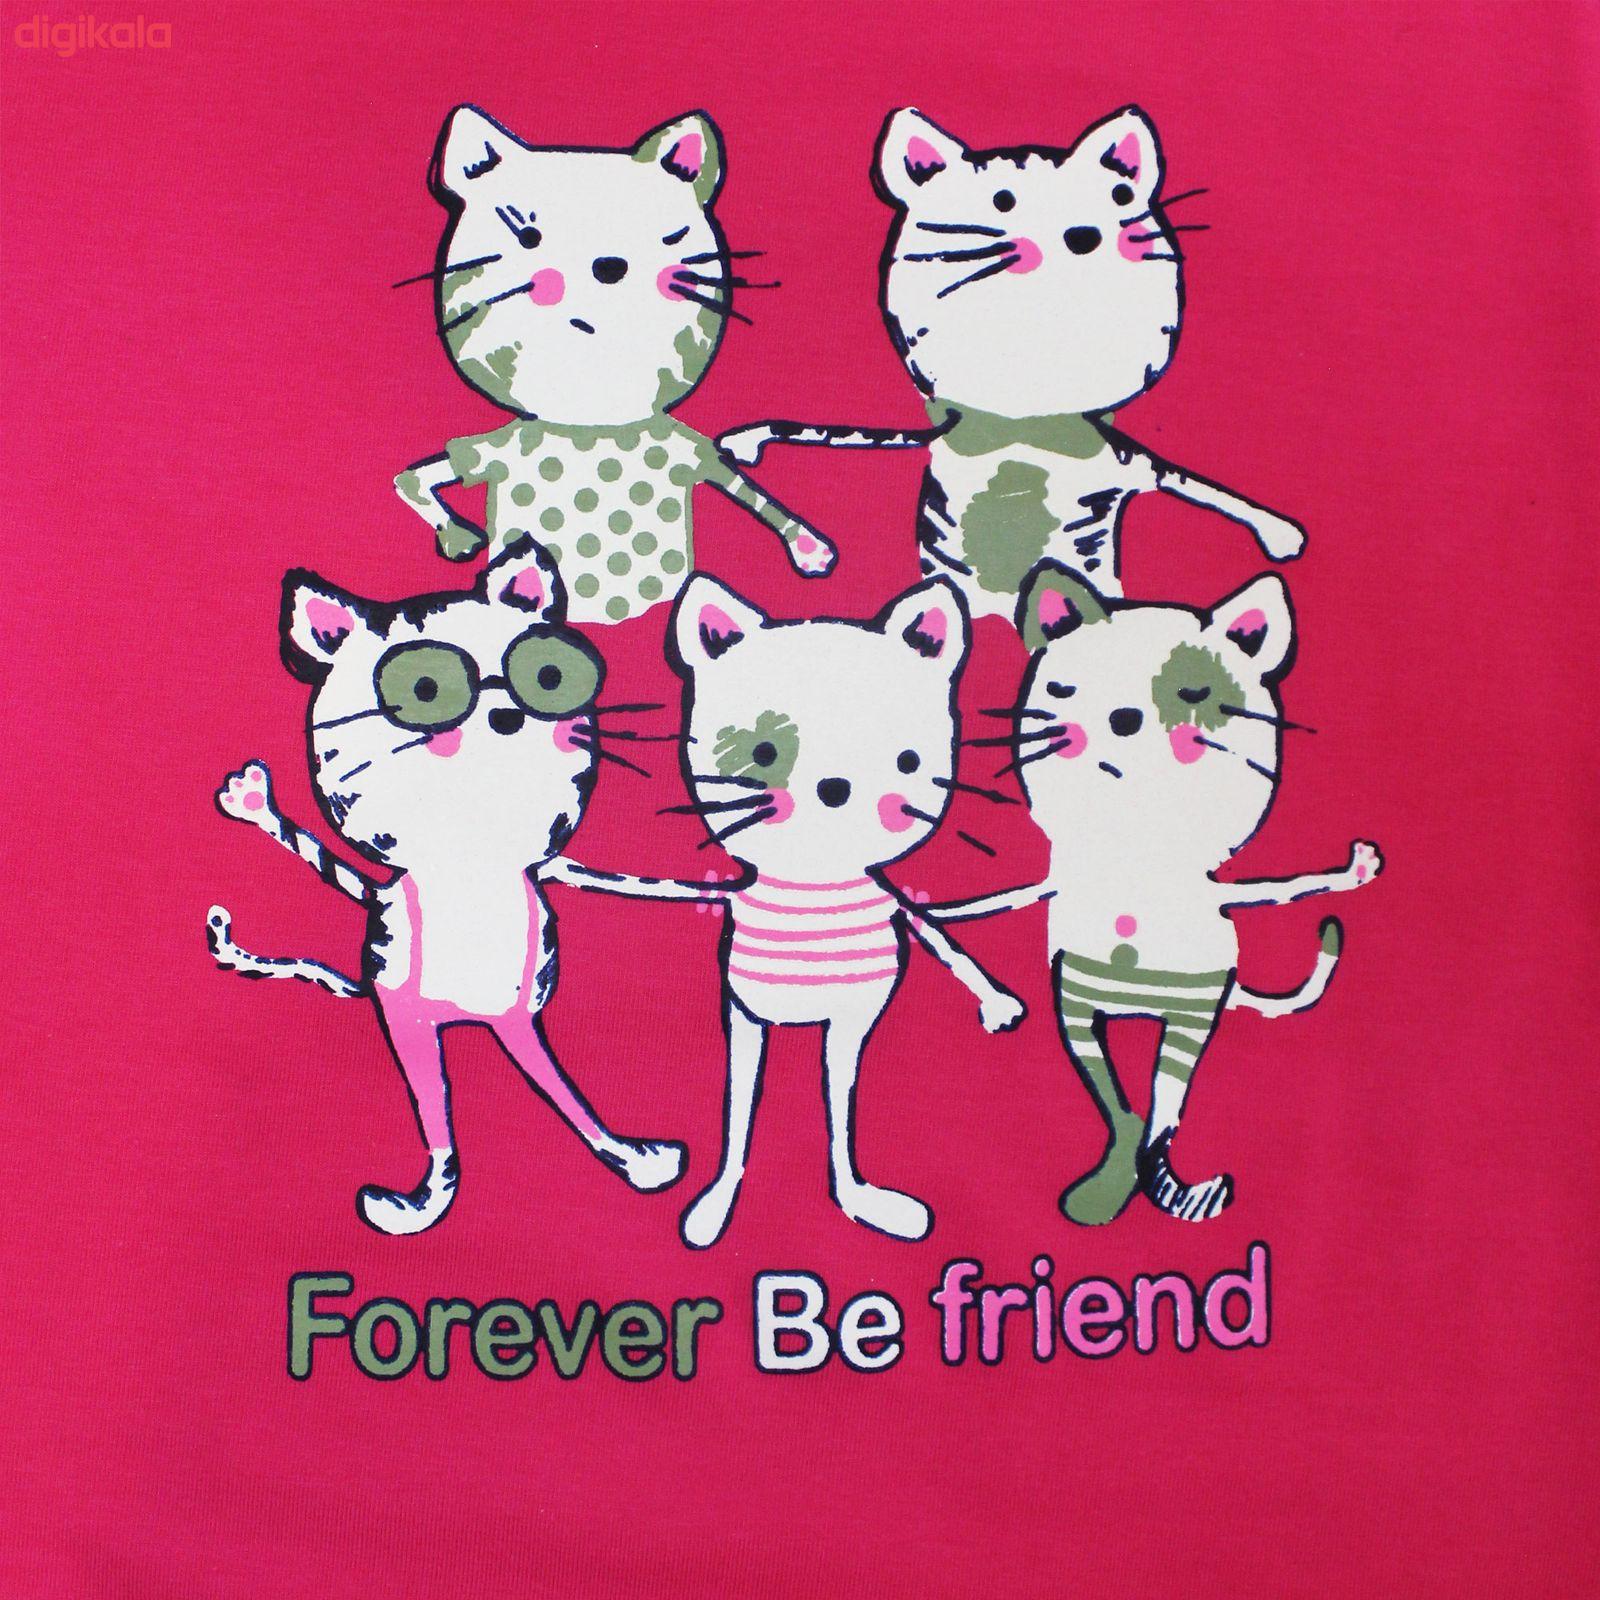 ست تی شرت و شلوار زنانه مدل FBFM 001 main 1 4